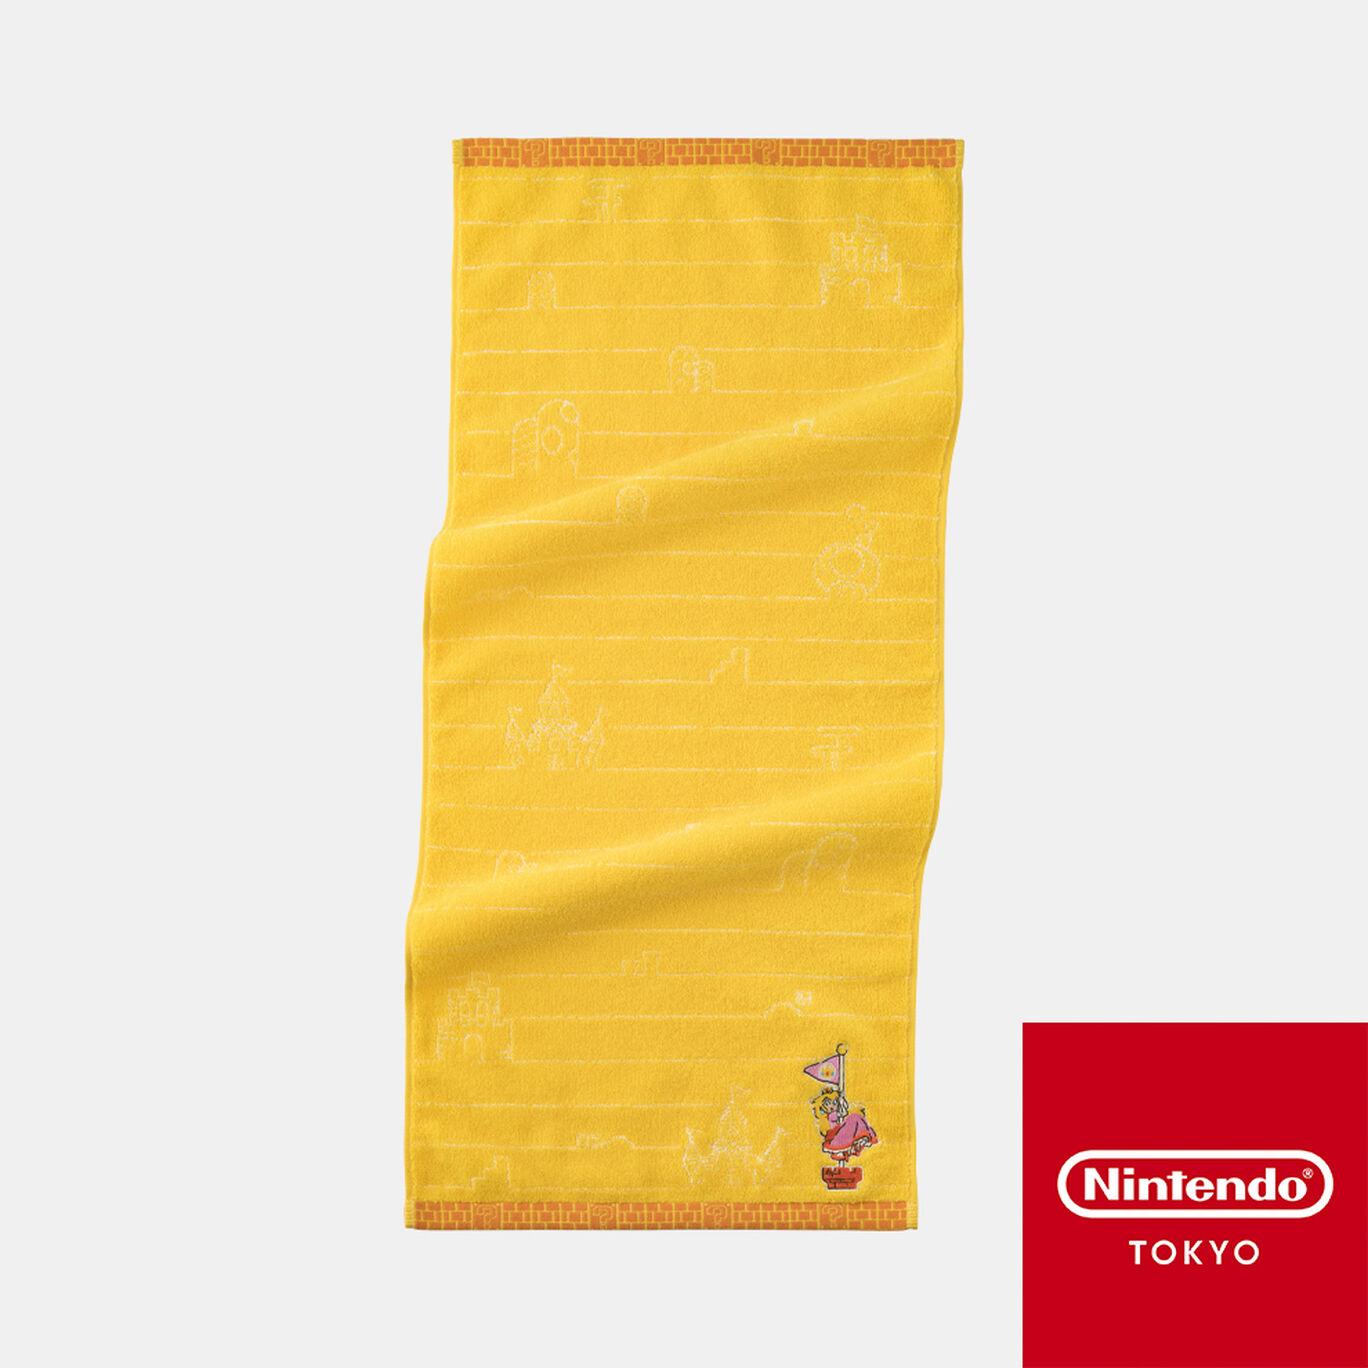 フェイスタオル スーパーマリオファミリーライフ ピーチ【Nintendo TOKYO取り扱い商品】